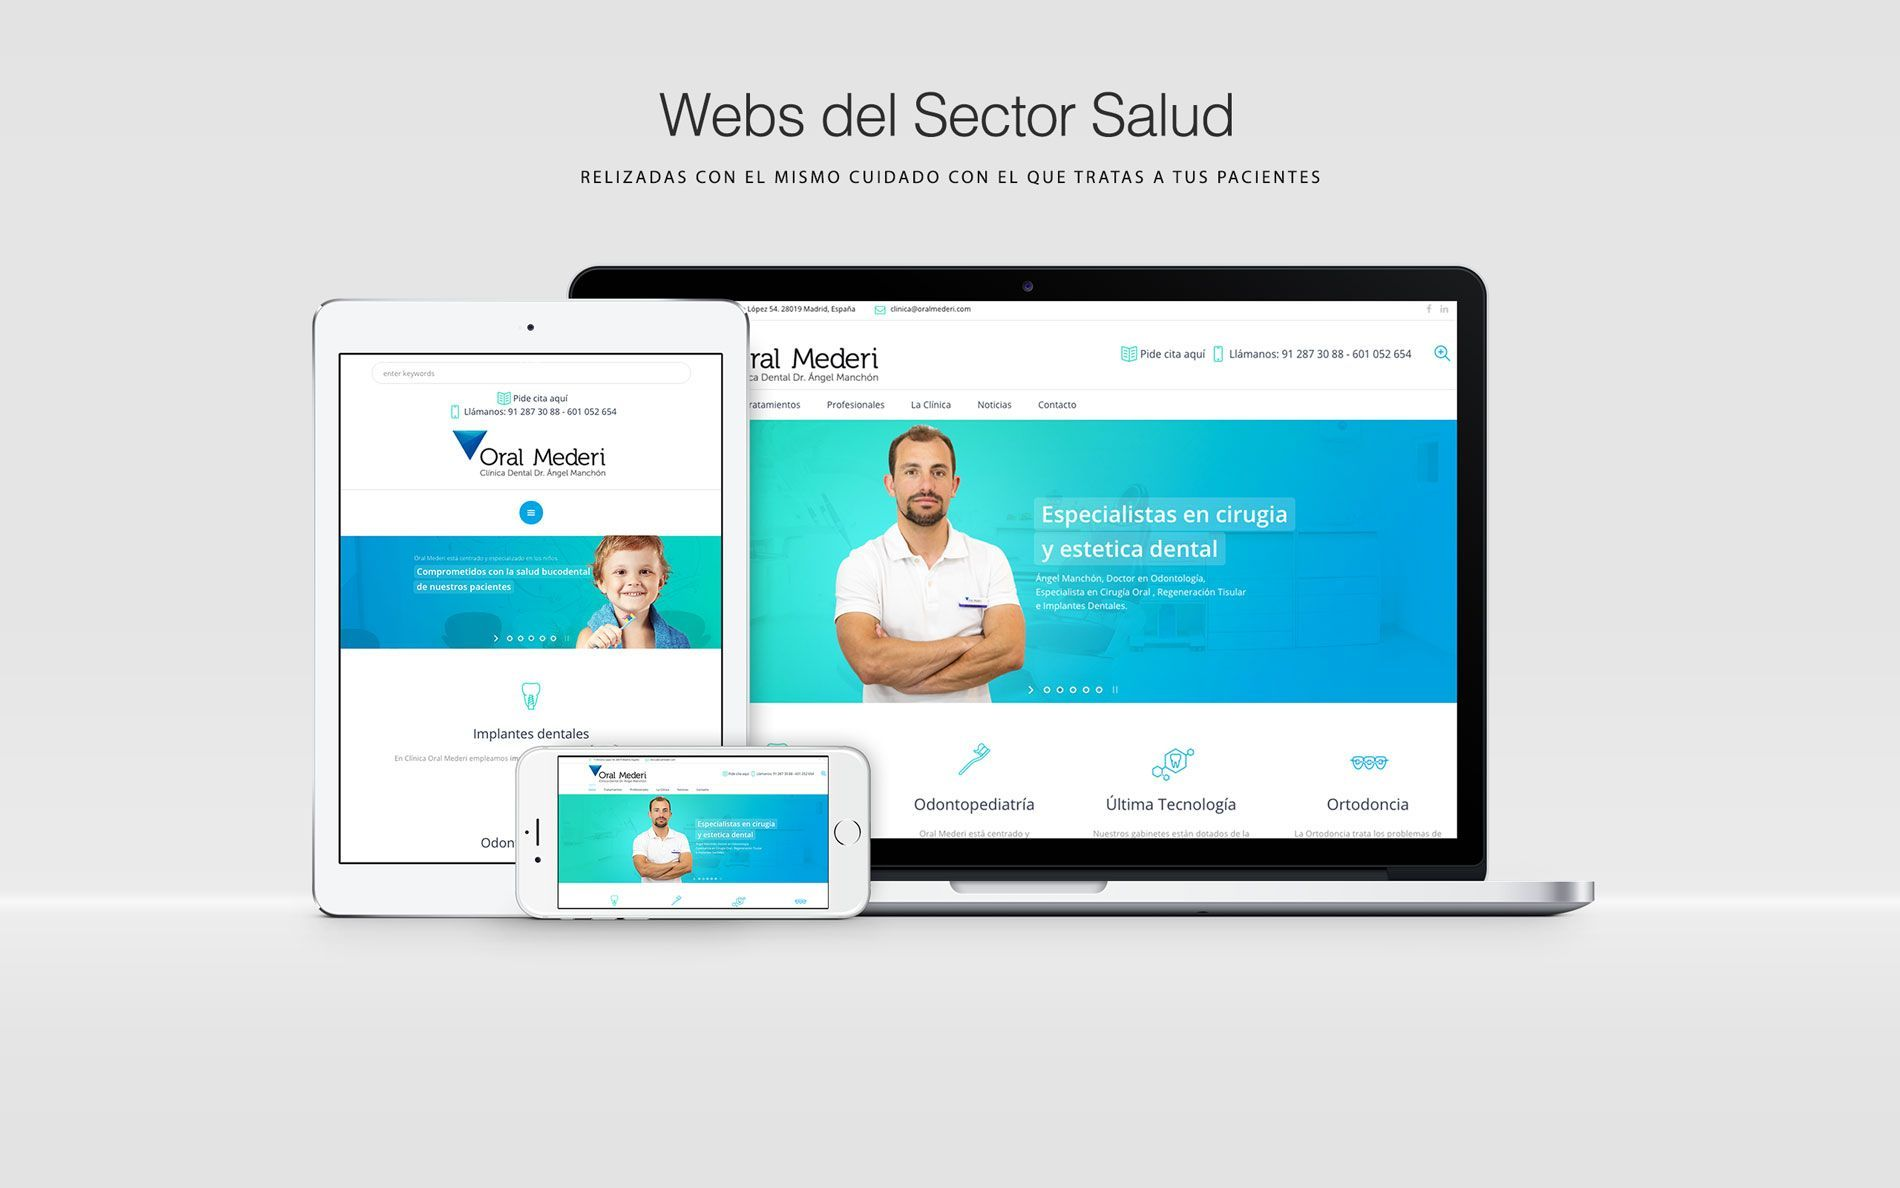 websectorsalud.jpg